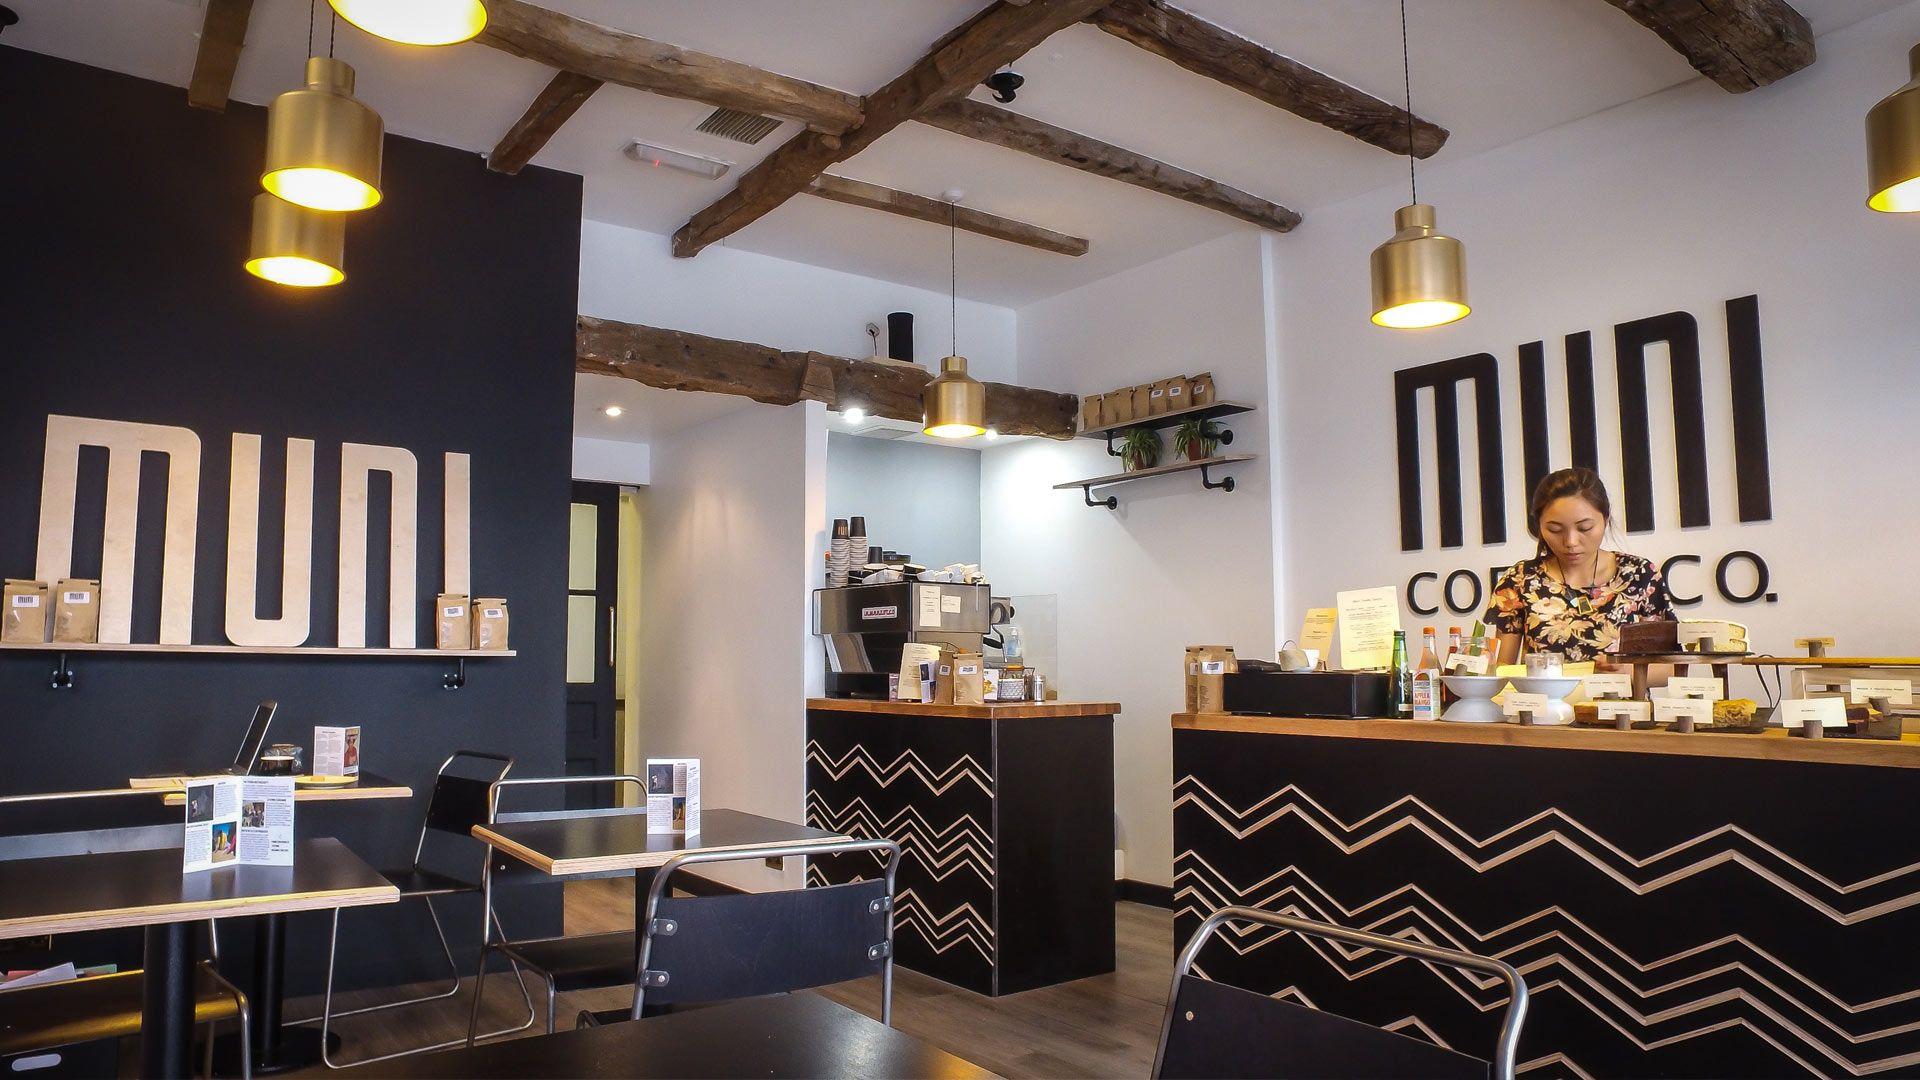 Cafe design, restaurant design and cafeterias.